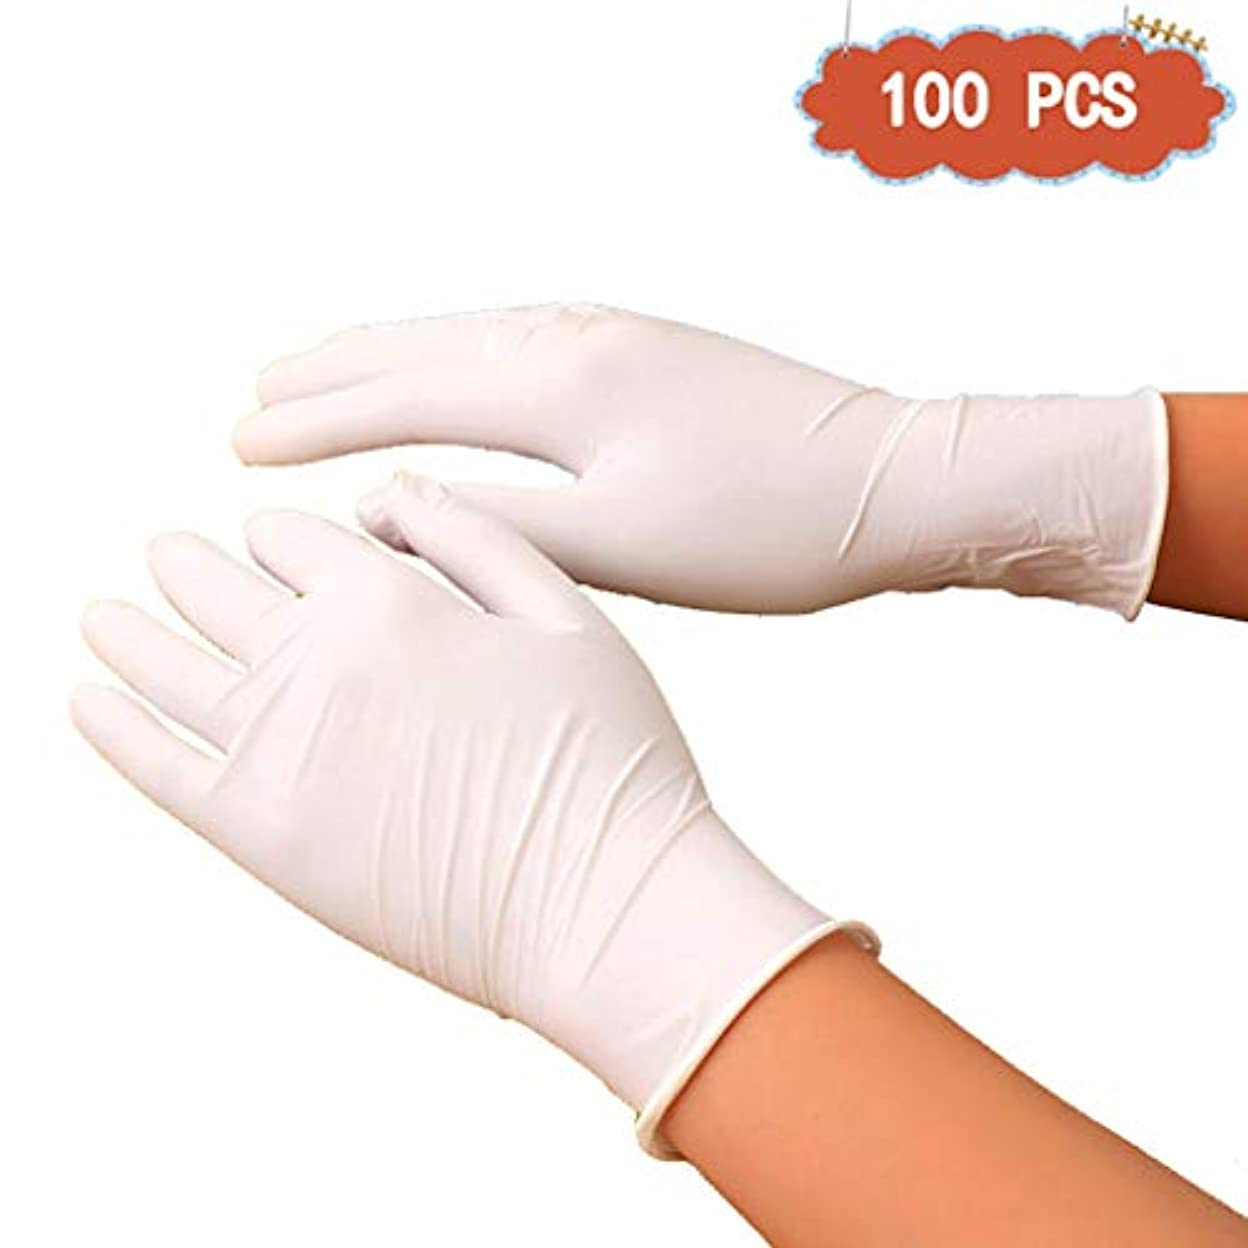 メロドラマティック野な趣味ニトリルホームクリーニングと酸とアルカリ使い捨て手袋ペットケアネイルアート検査保護実験、美容院ラテックスフリー、パウダーフリー、両手利き、100個 (Color : White, Size : M)